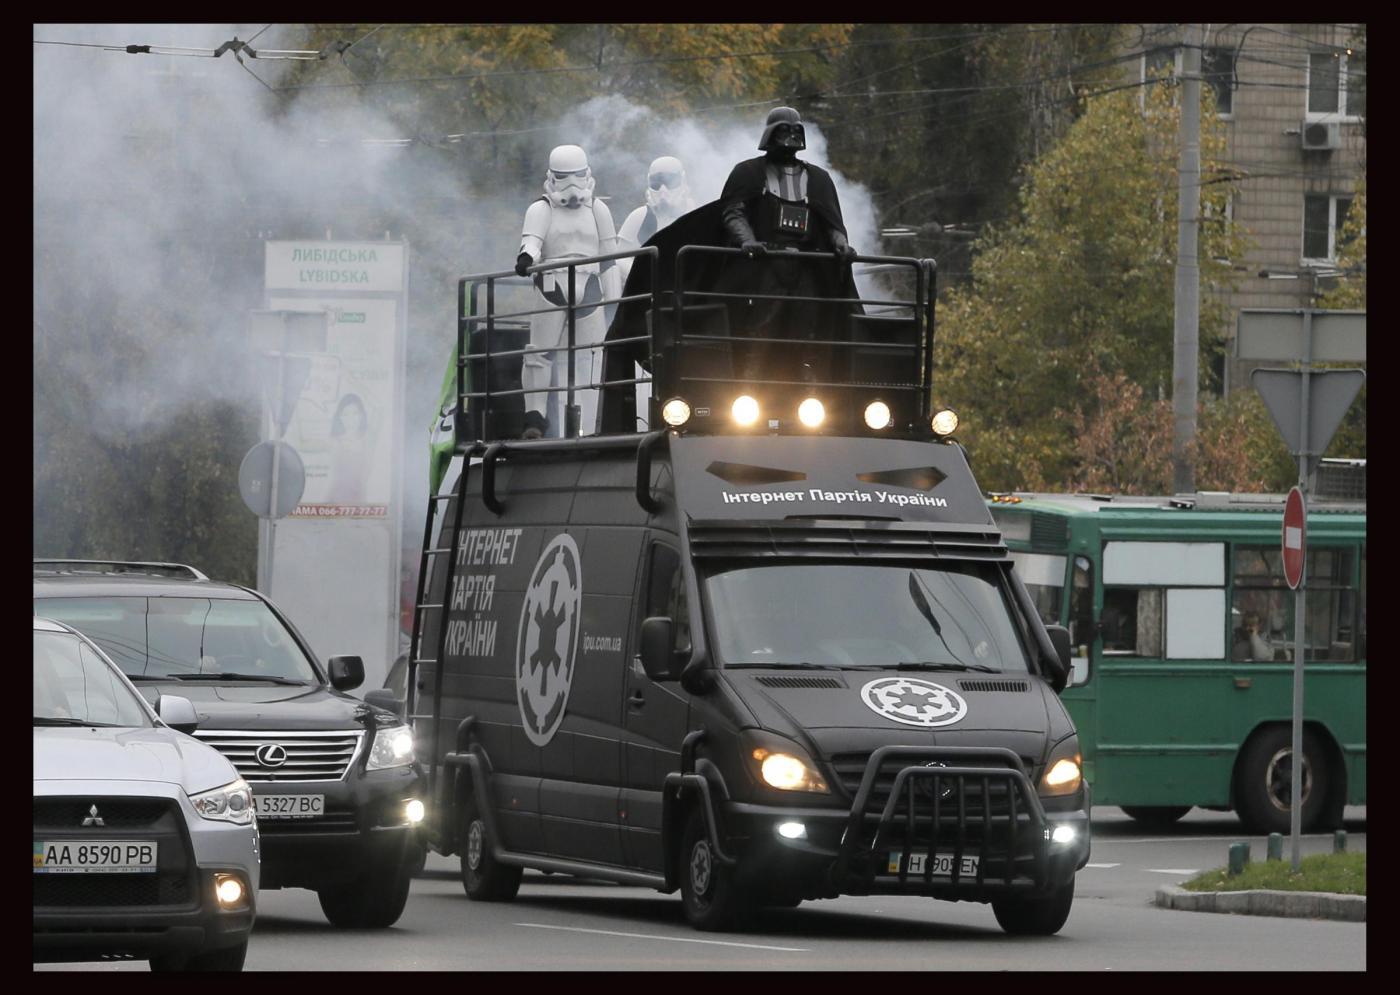 Elezioni Ucraina 2014: Darth Vader scende in campo a Kiev